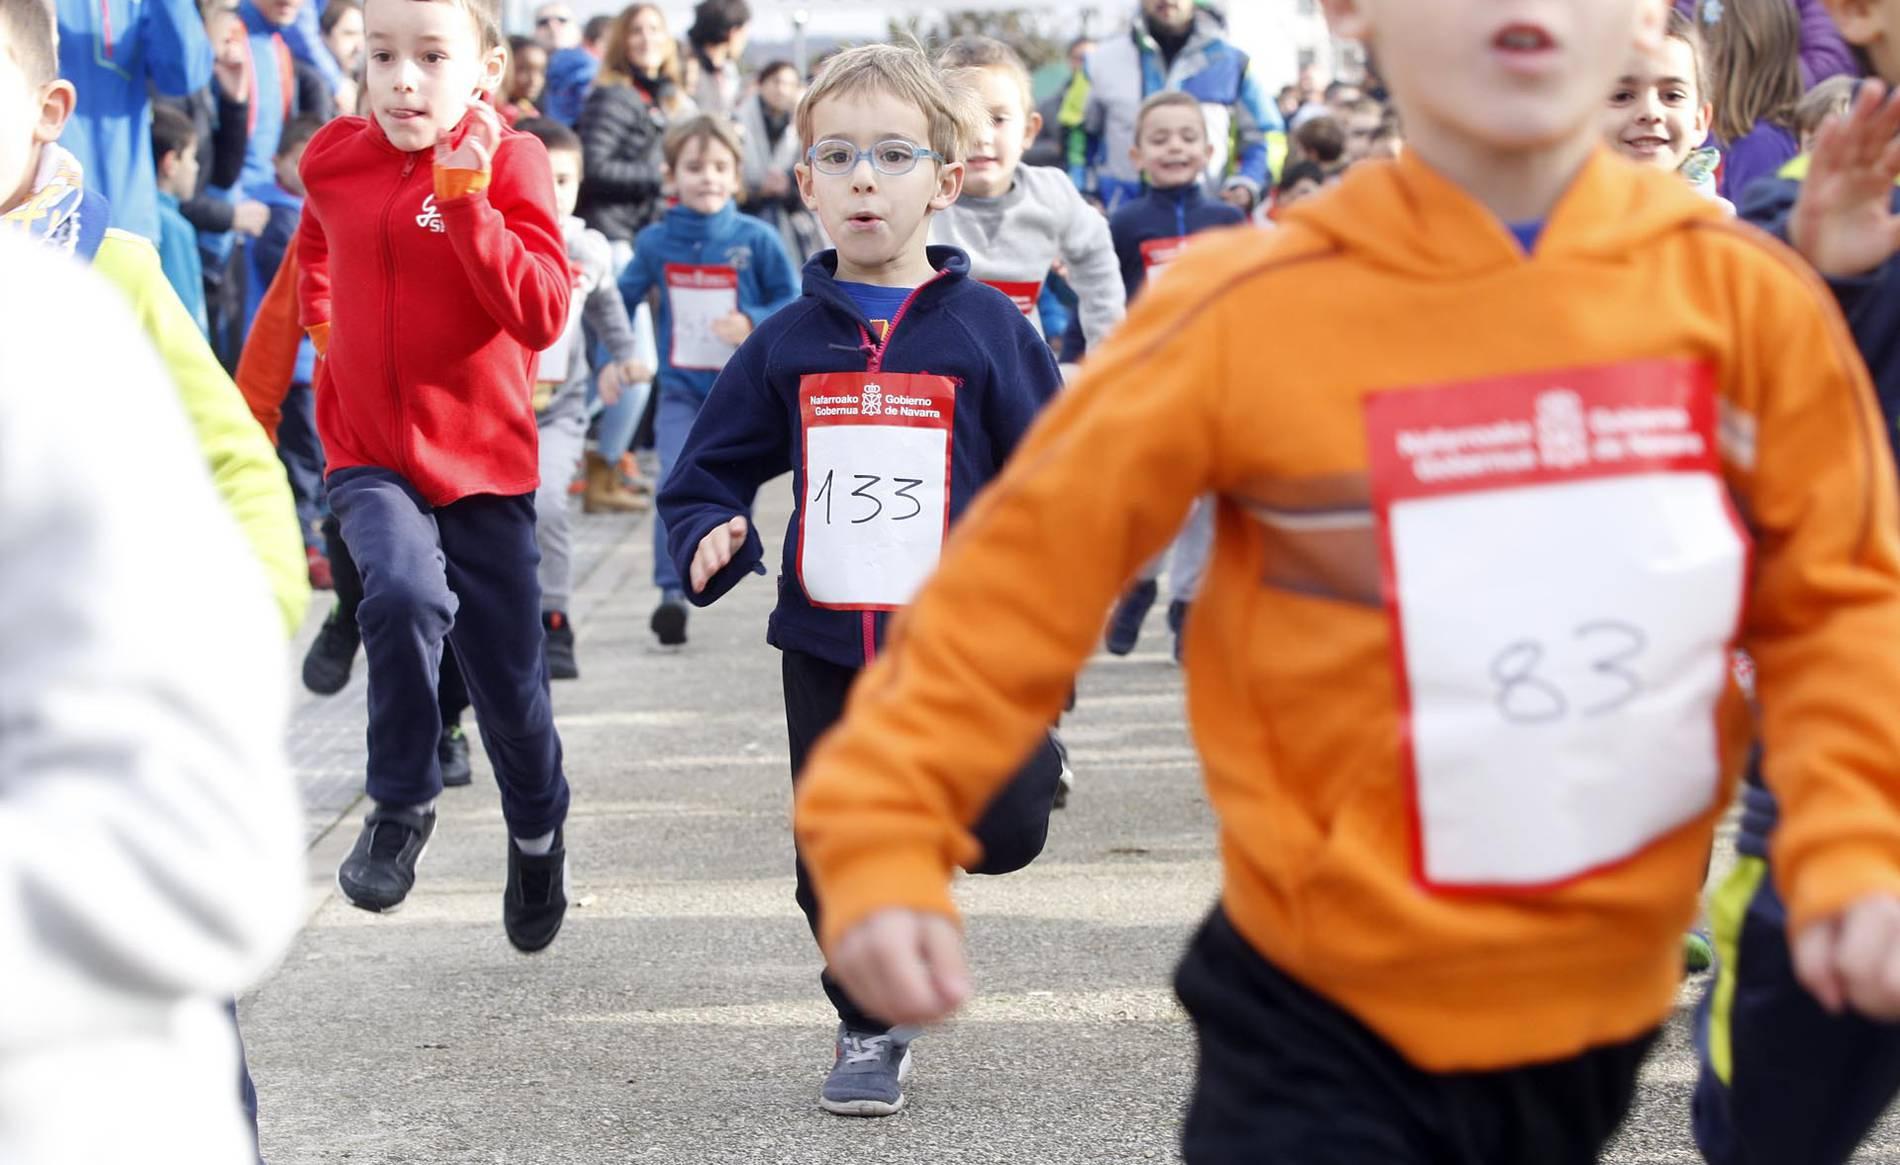 IV San Silvestre de Buztintxuri (1/21) - La carrera, que pidió instalaciones deportivas para el barrio pamplonés, reunió a 210 niños y 60 adultos - Carreras populares DNRunning -